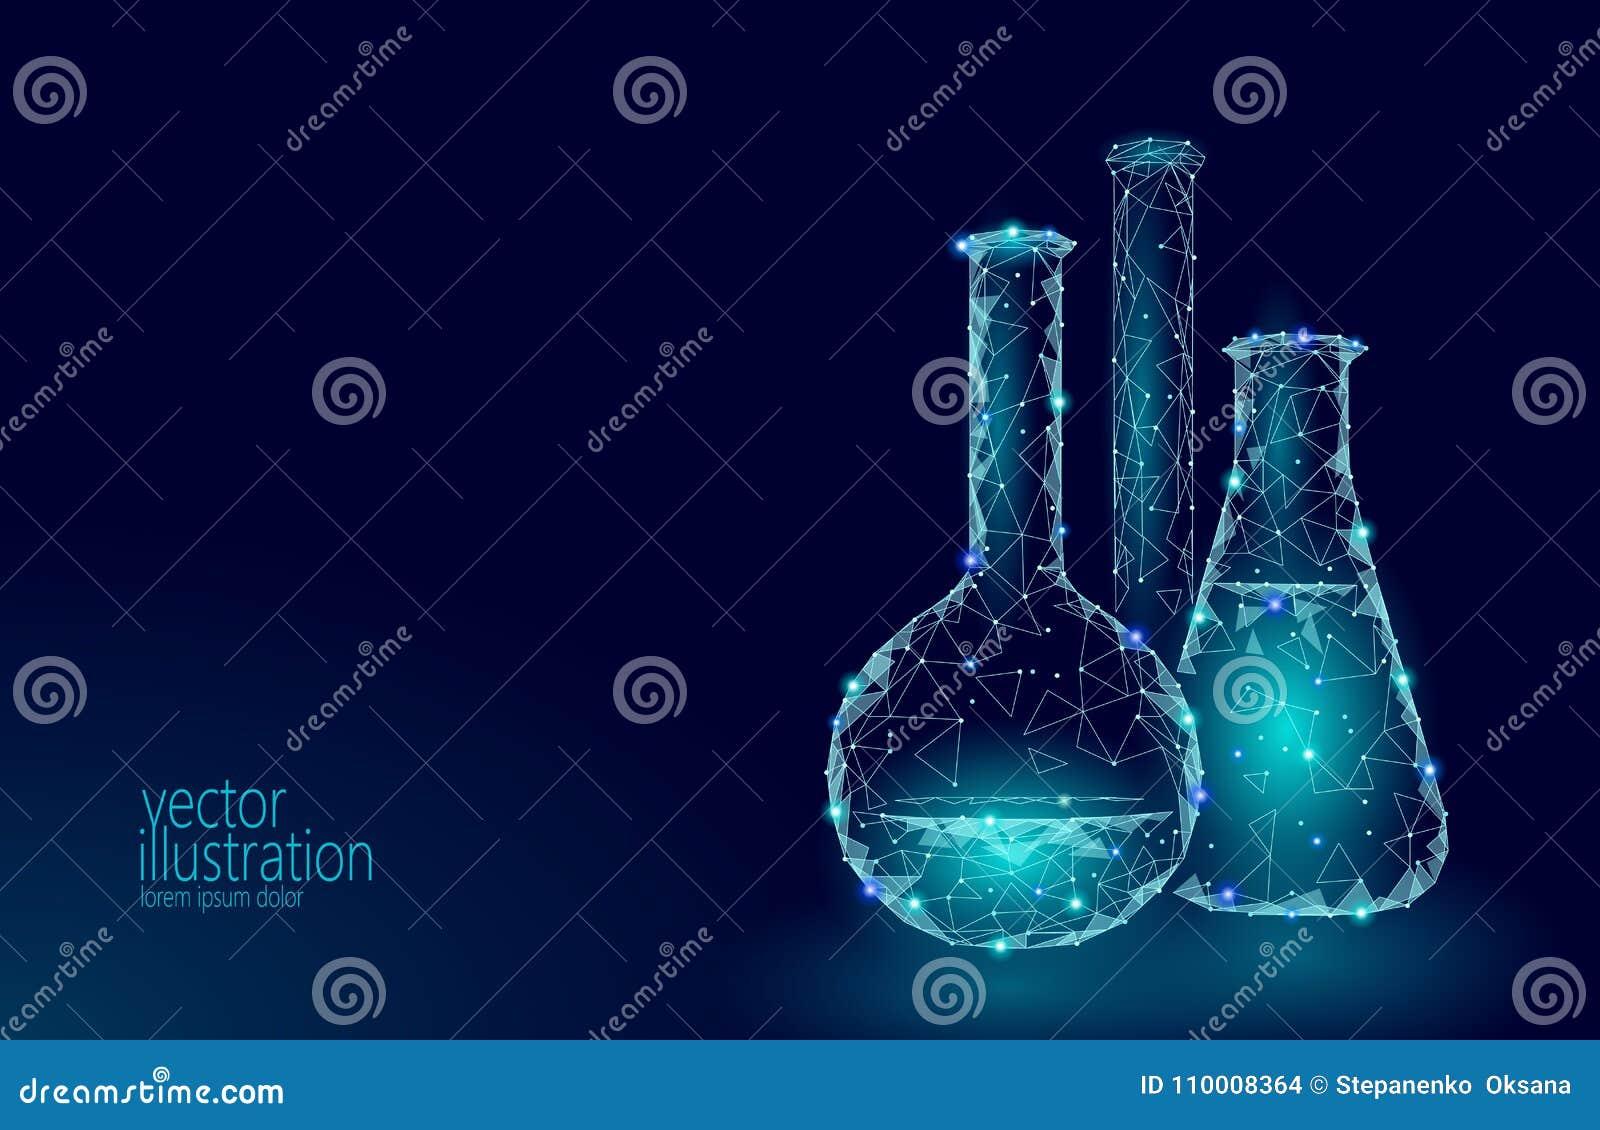 Χαμηλές πολυ φιάλες γυαλιού επιστήμης χημικές Μαγική εξοπλισμού polygonal ερευνητική μελλοντική τεχνολογία πυράκτωσης τριγώνων μπ